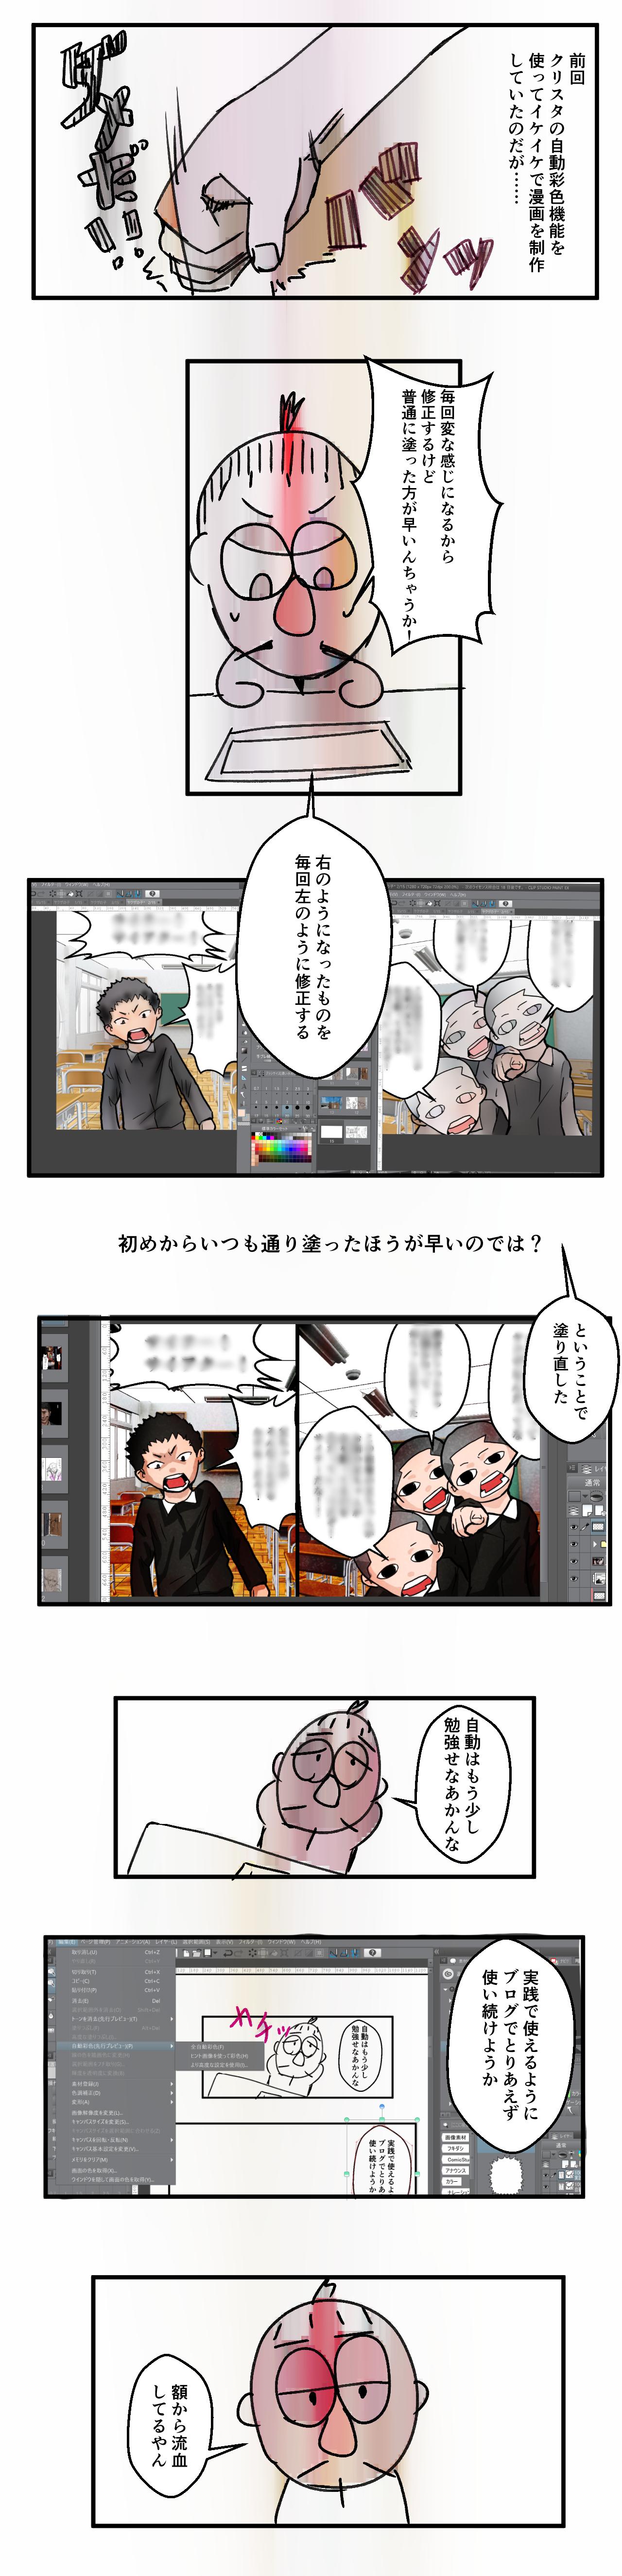 絵日記20190702